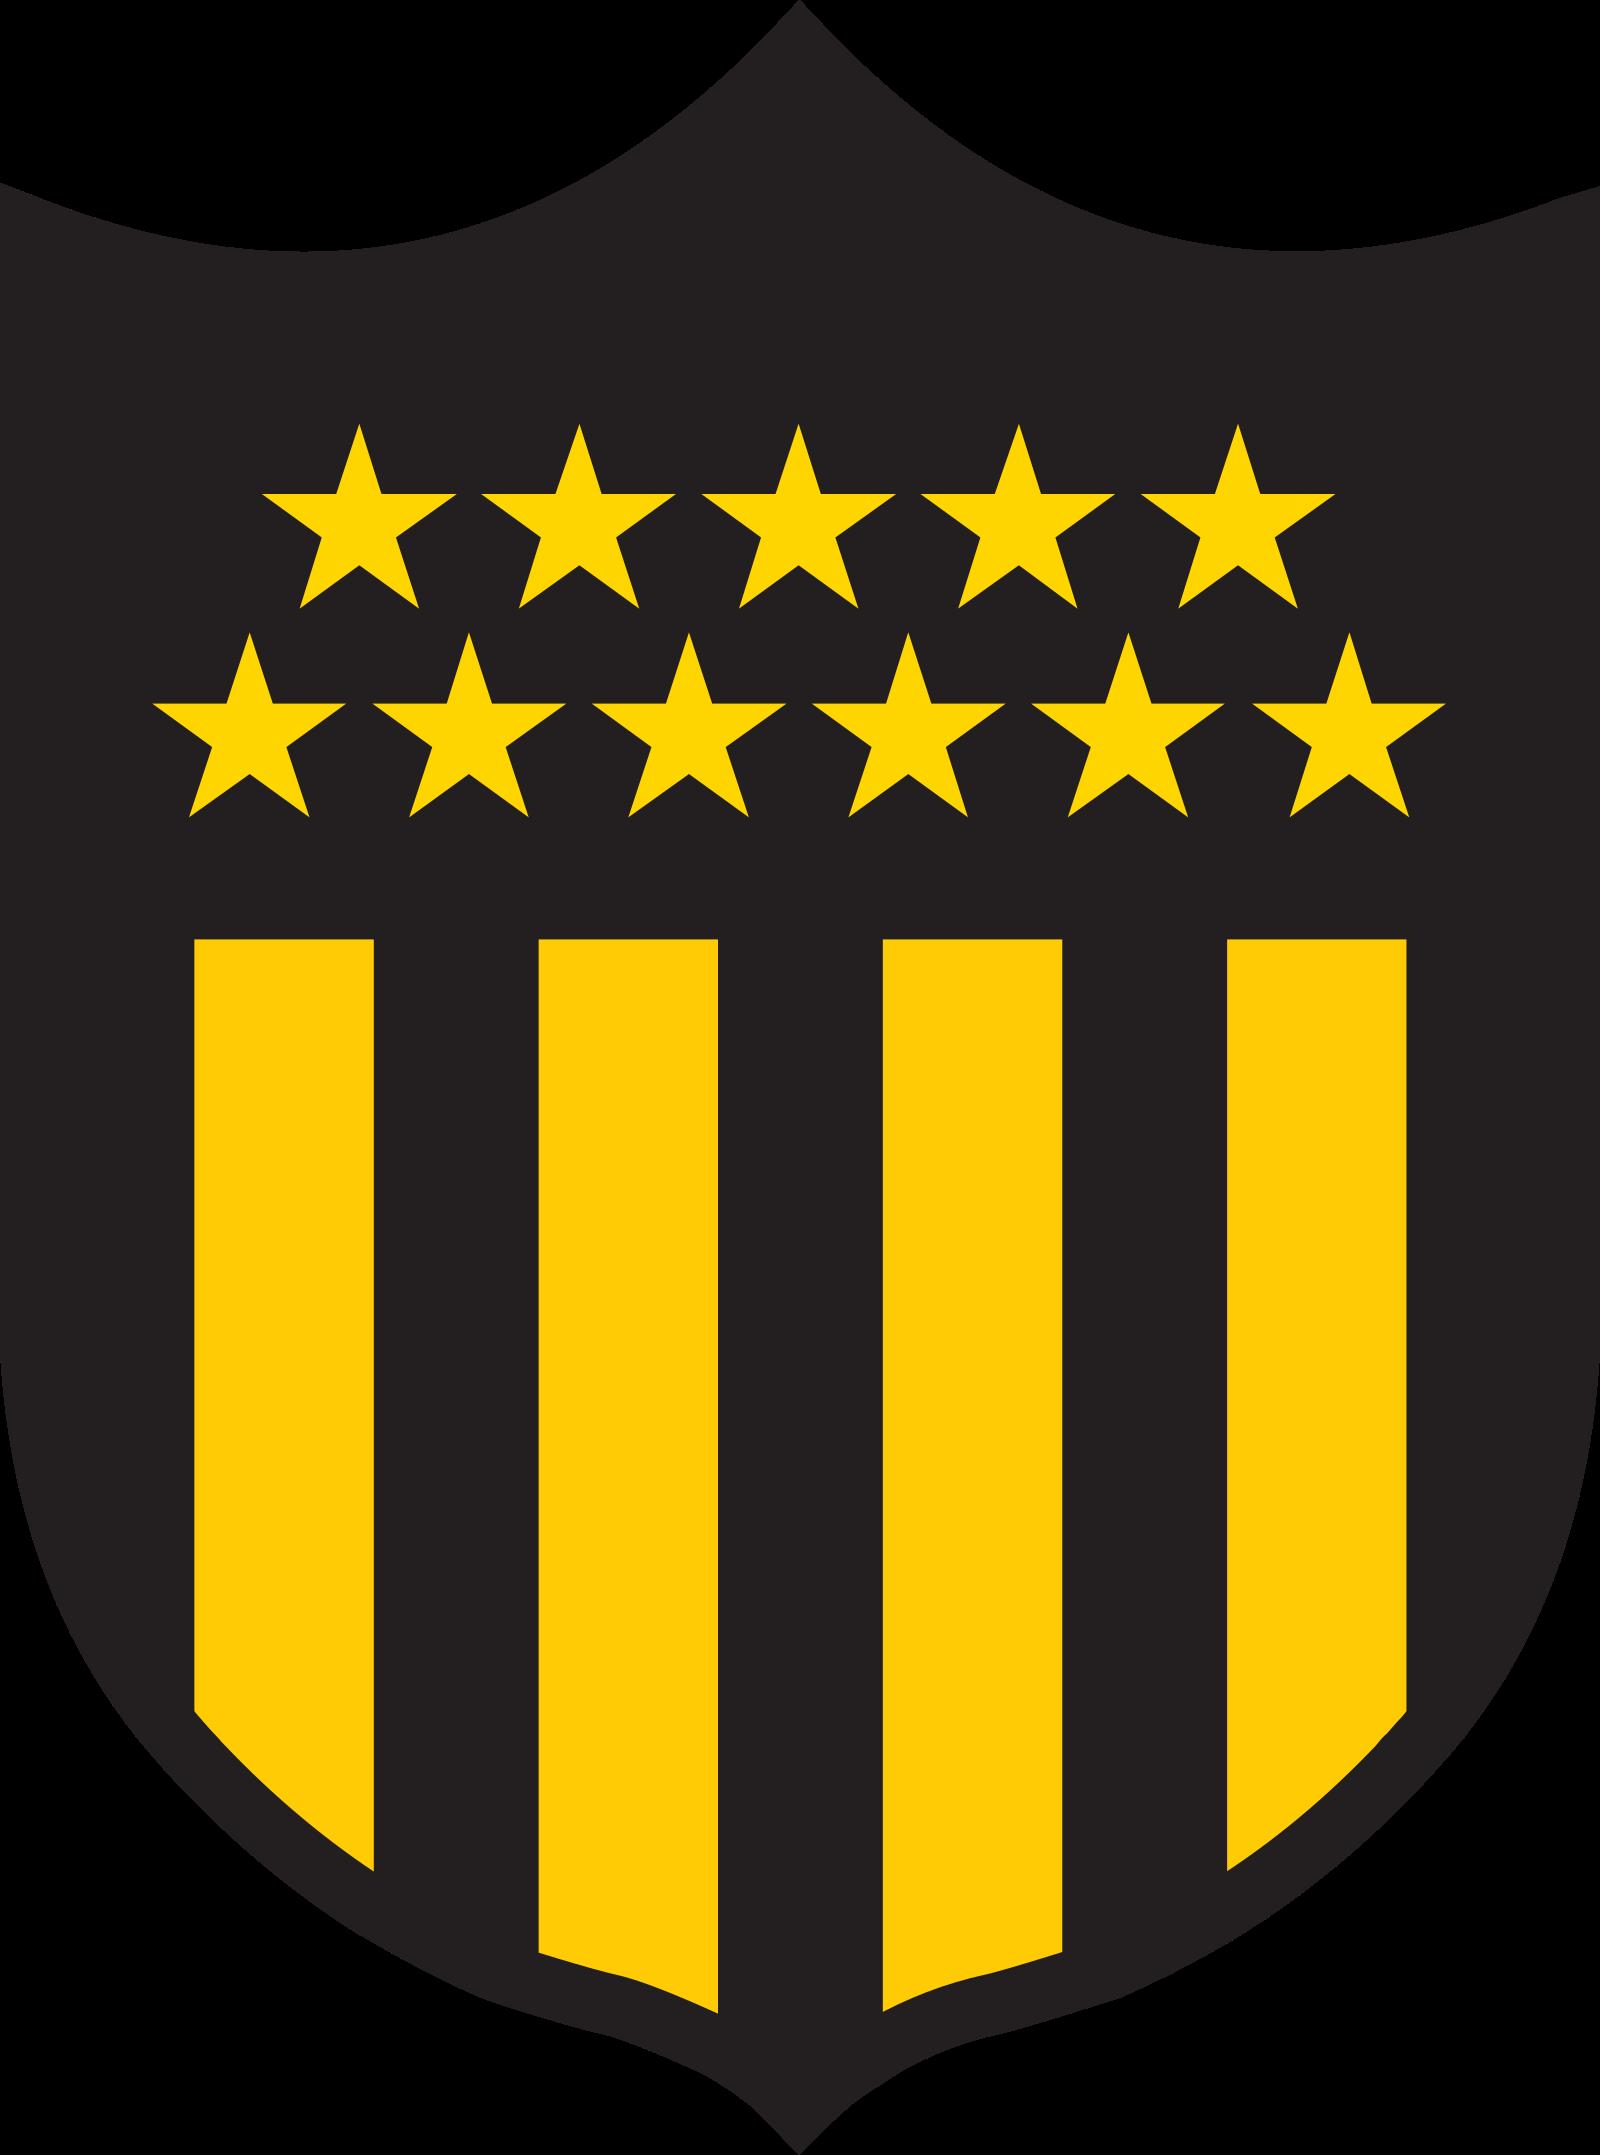 penarol logo escudo 5 - Peñarol Logo - Club Atlético Peñarol Escudo